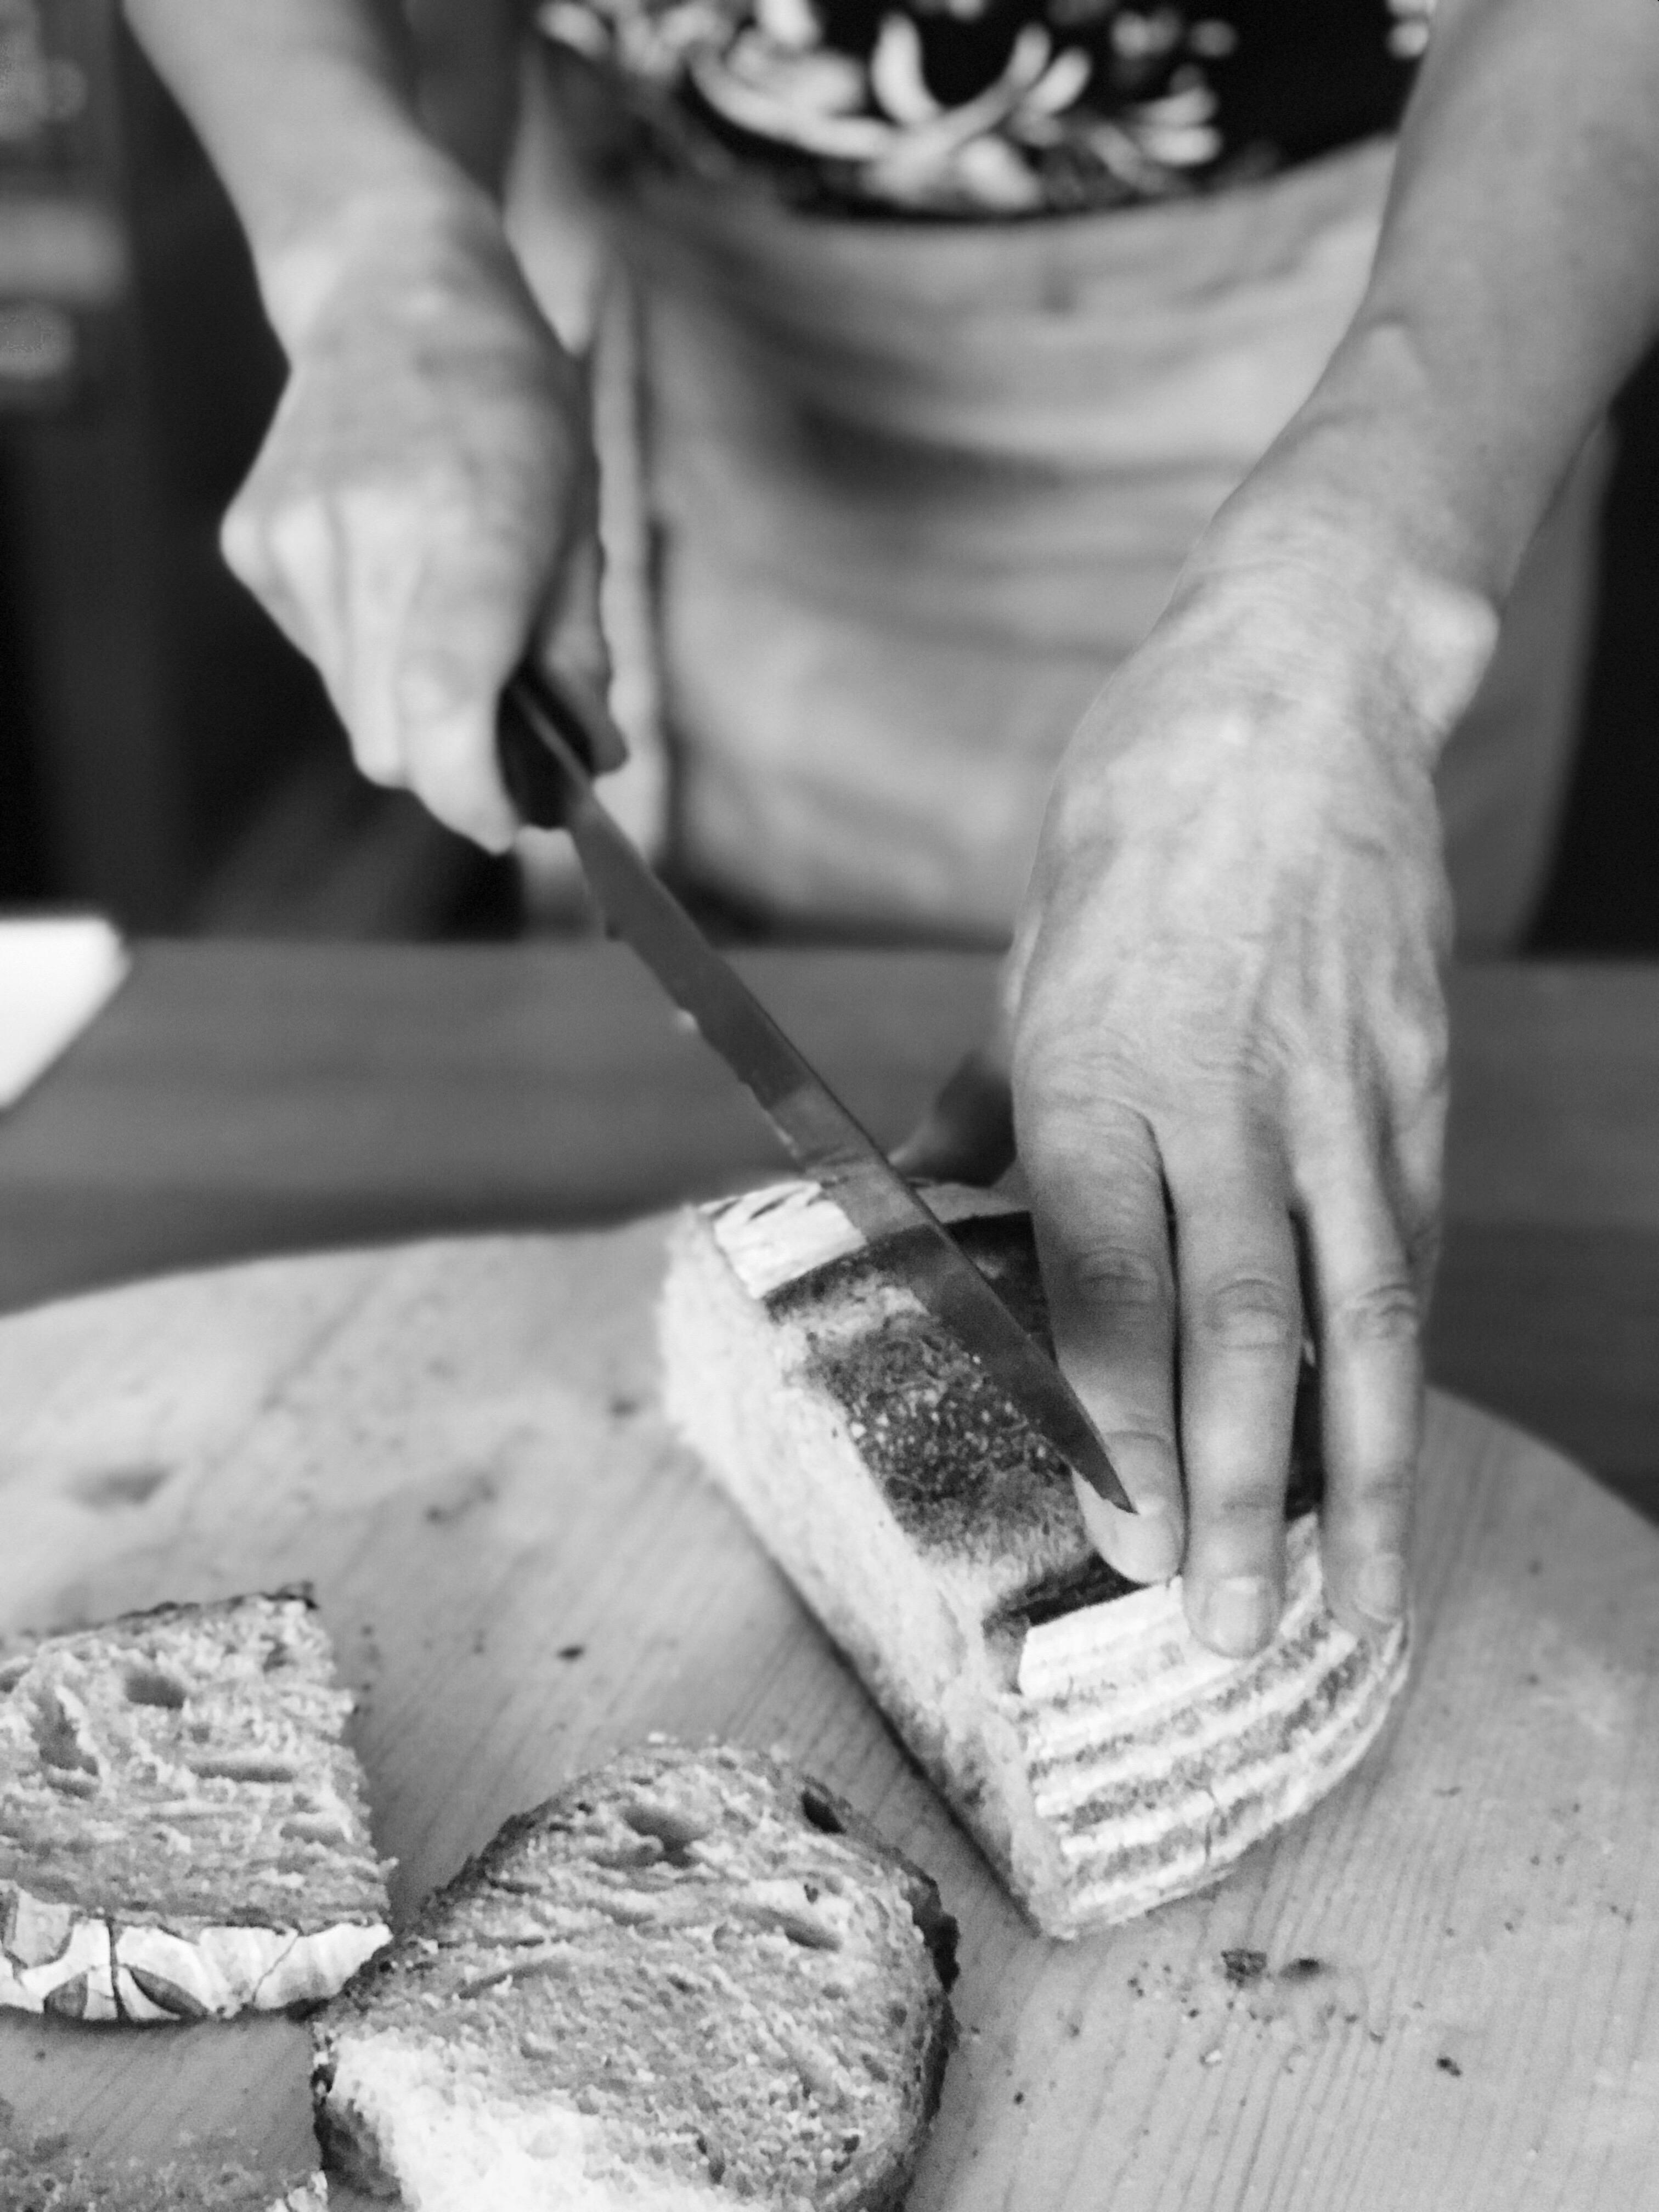 Mags-Frisch-Sauerteig-Brotbackkurs